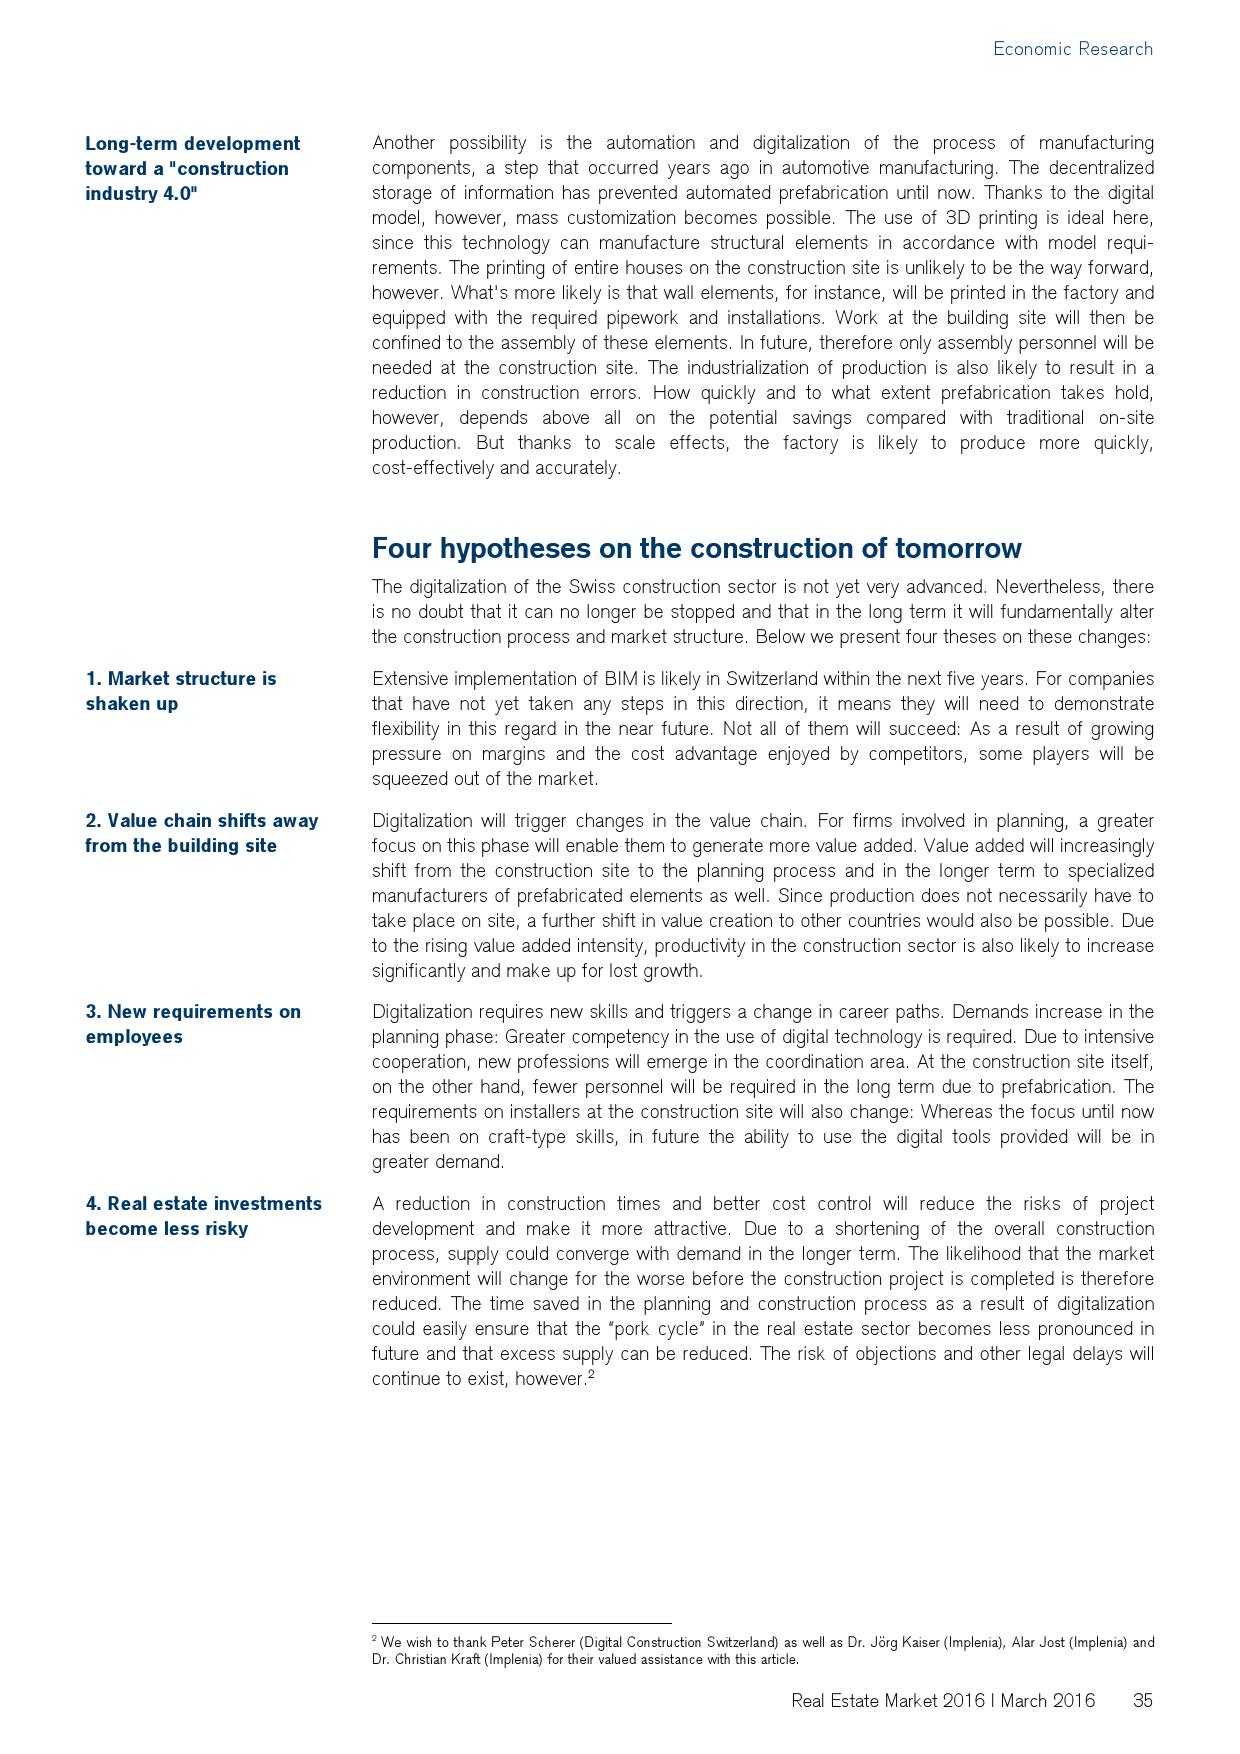 2016年瑞士房地产市场研究报告_000035